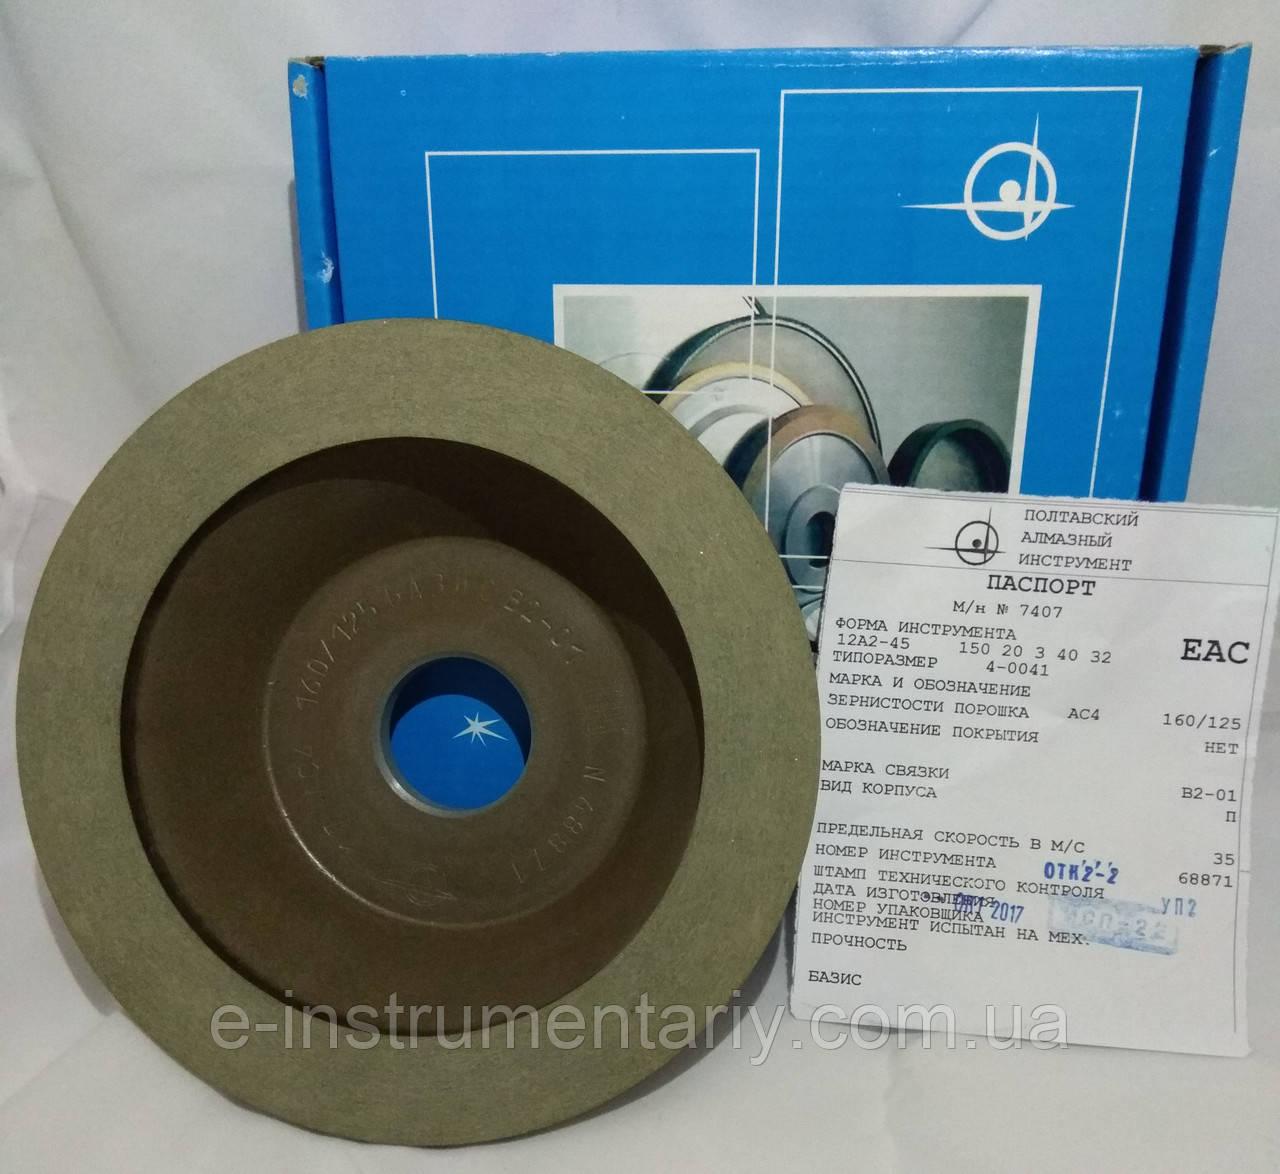 Алмазная чашка 150х20х3х40х32 (12А2-45°) 100%  АС4 Связка В2-01